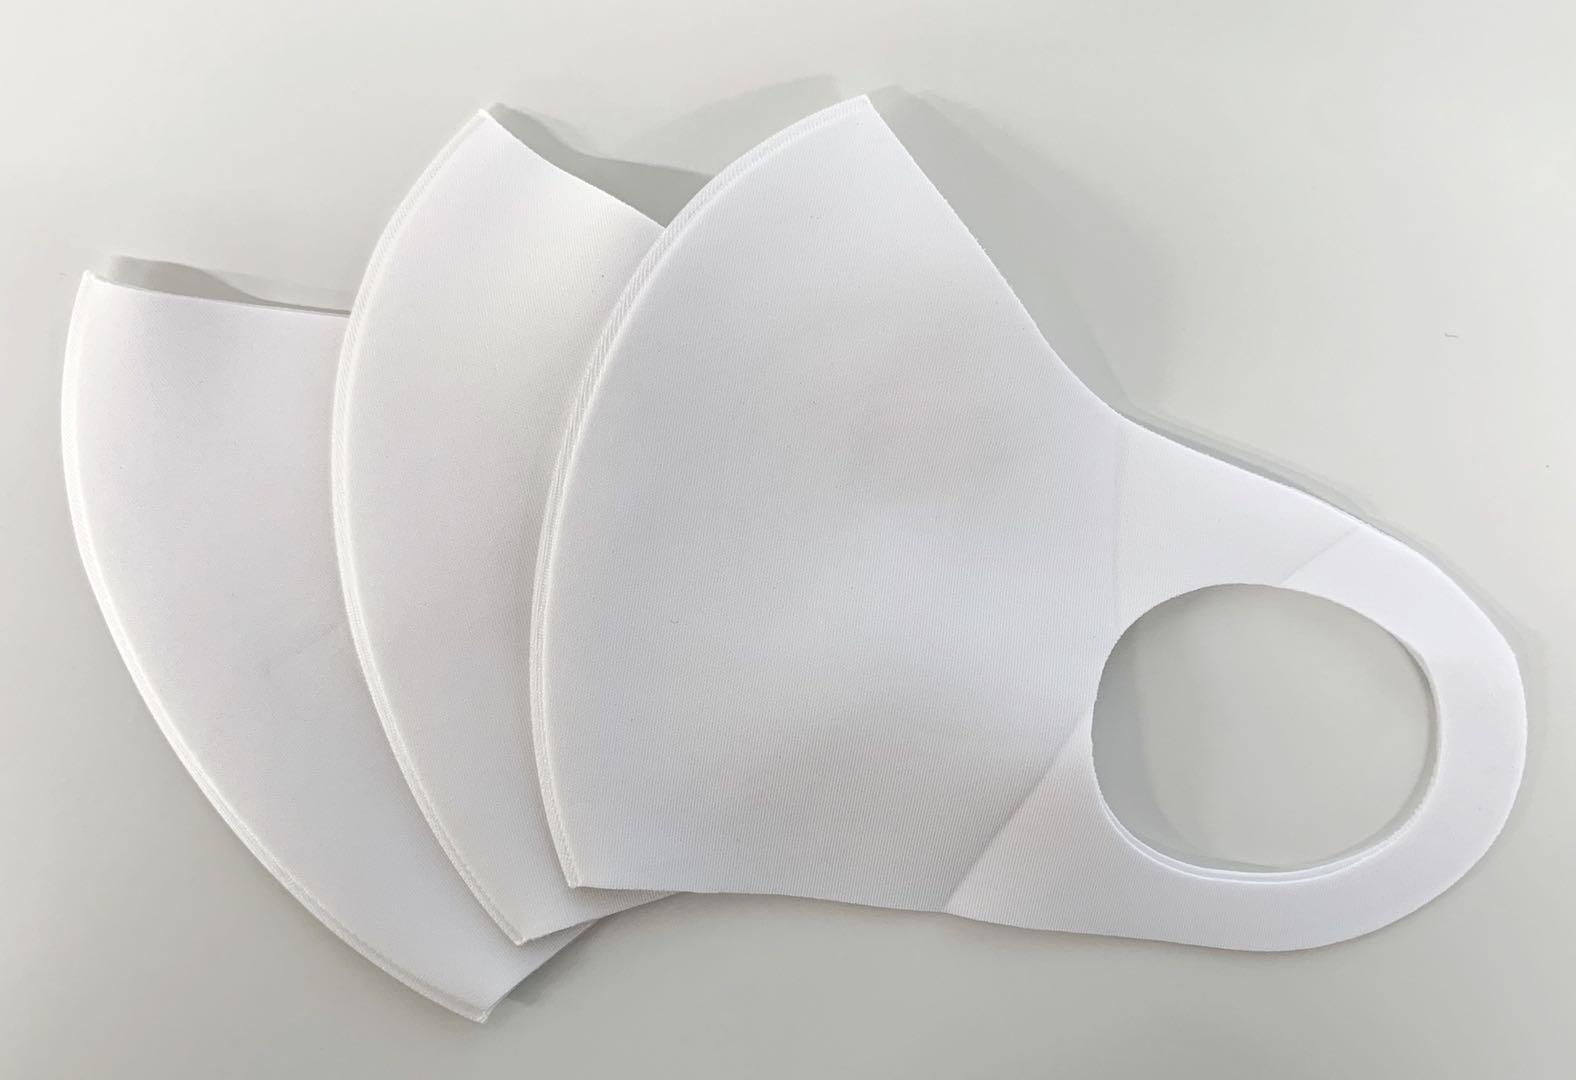 夏マスク 接触冷感 立体マスク UVカットマスク 個包装